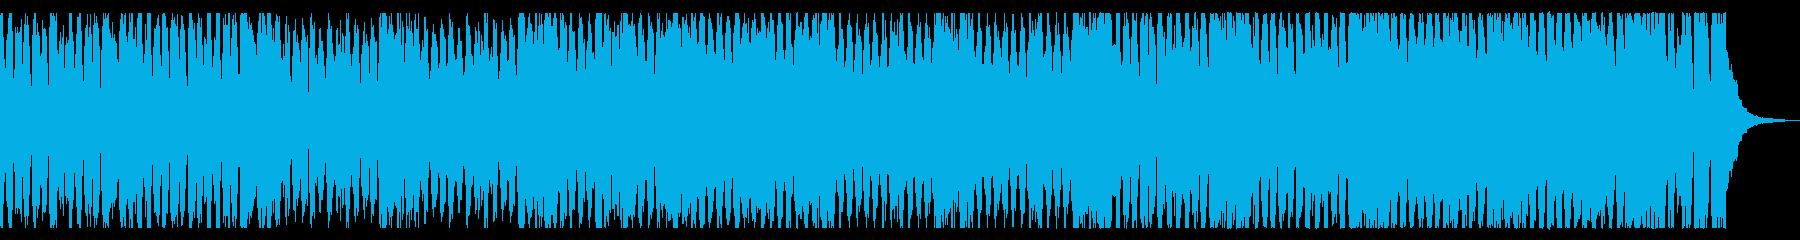 戦場を彷彿させるケルト風オーケストラの再生済みの波形